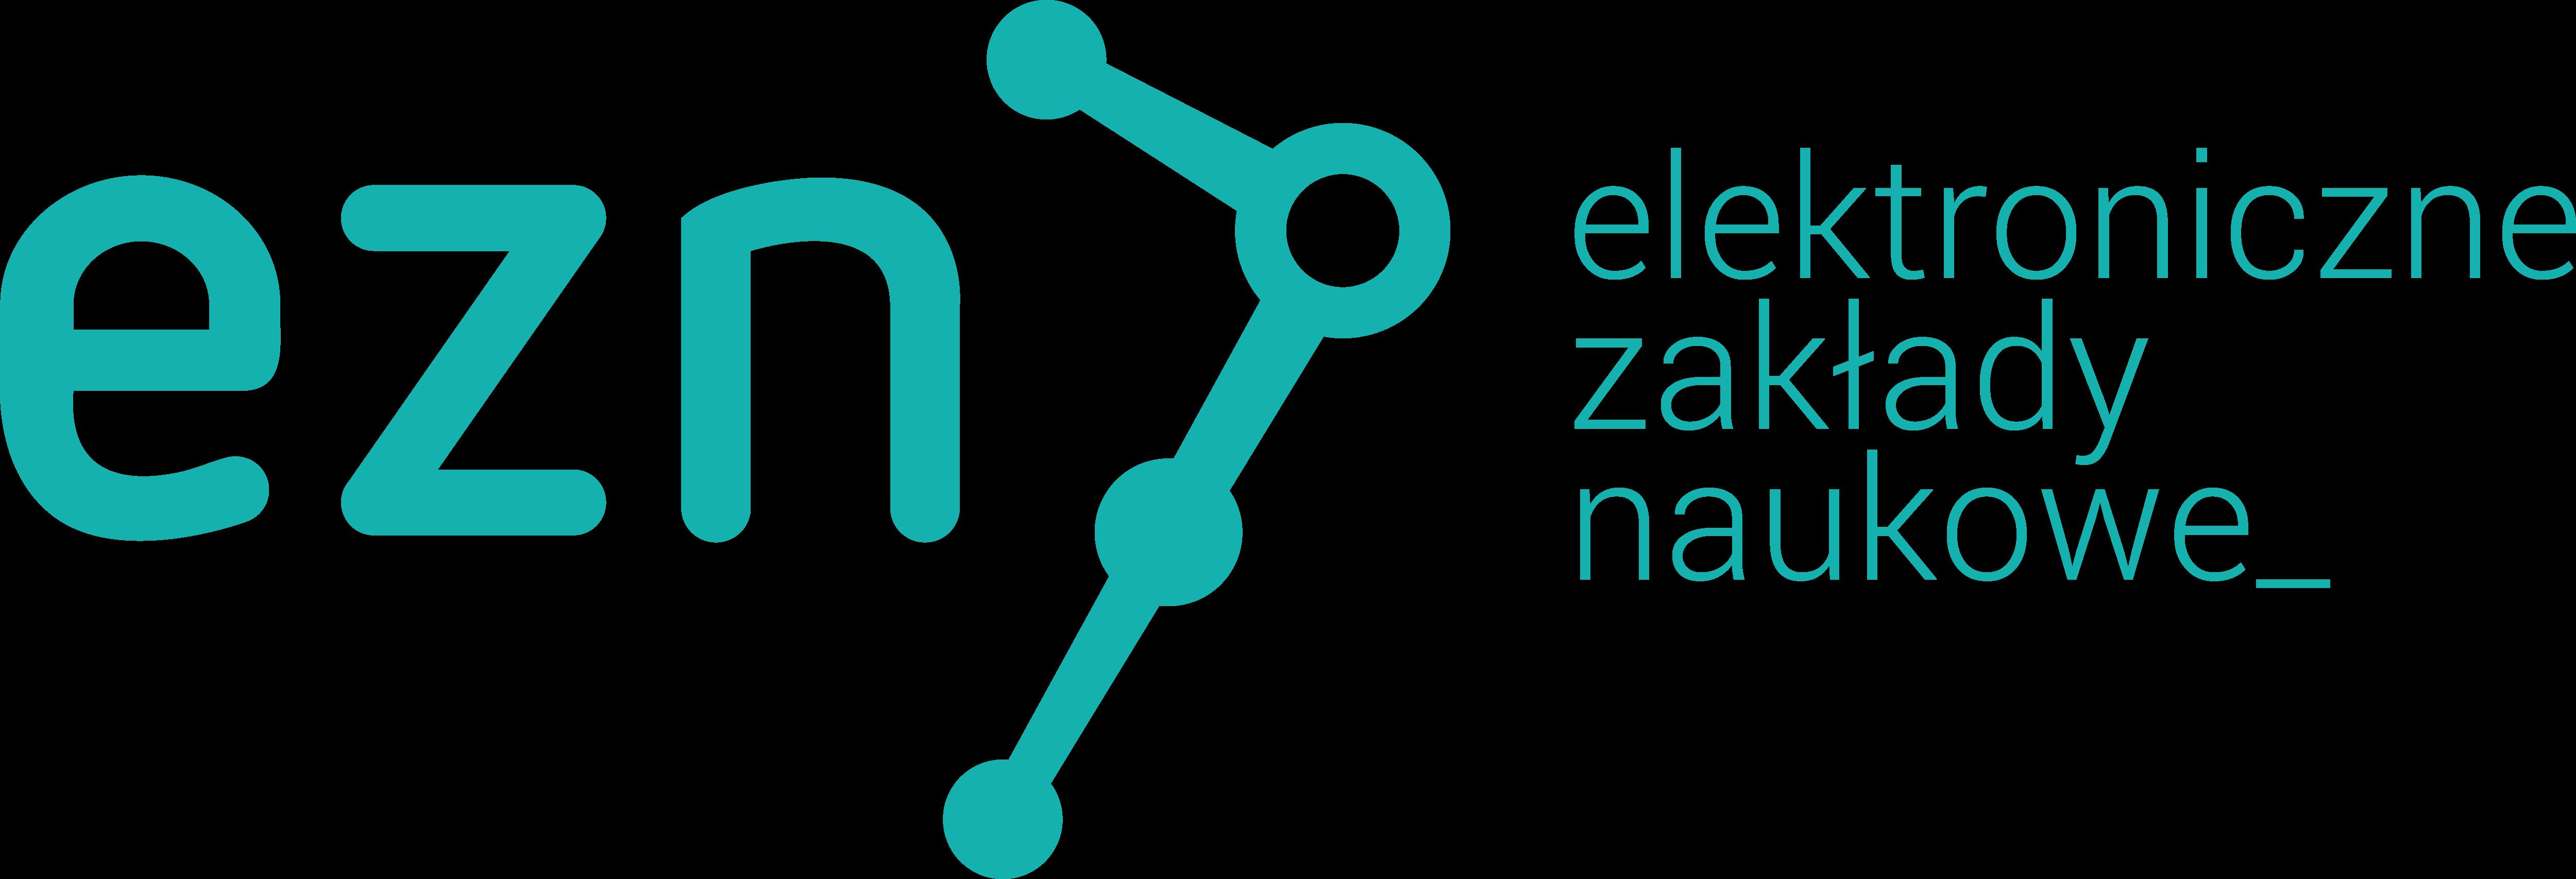 Elektroniczne Zakłady Naukowe